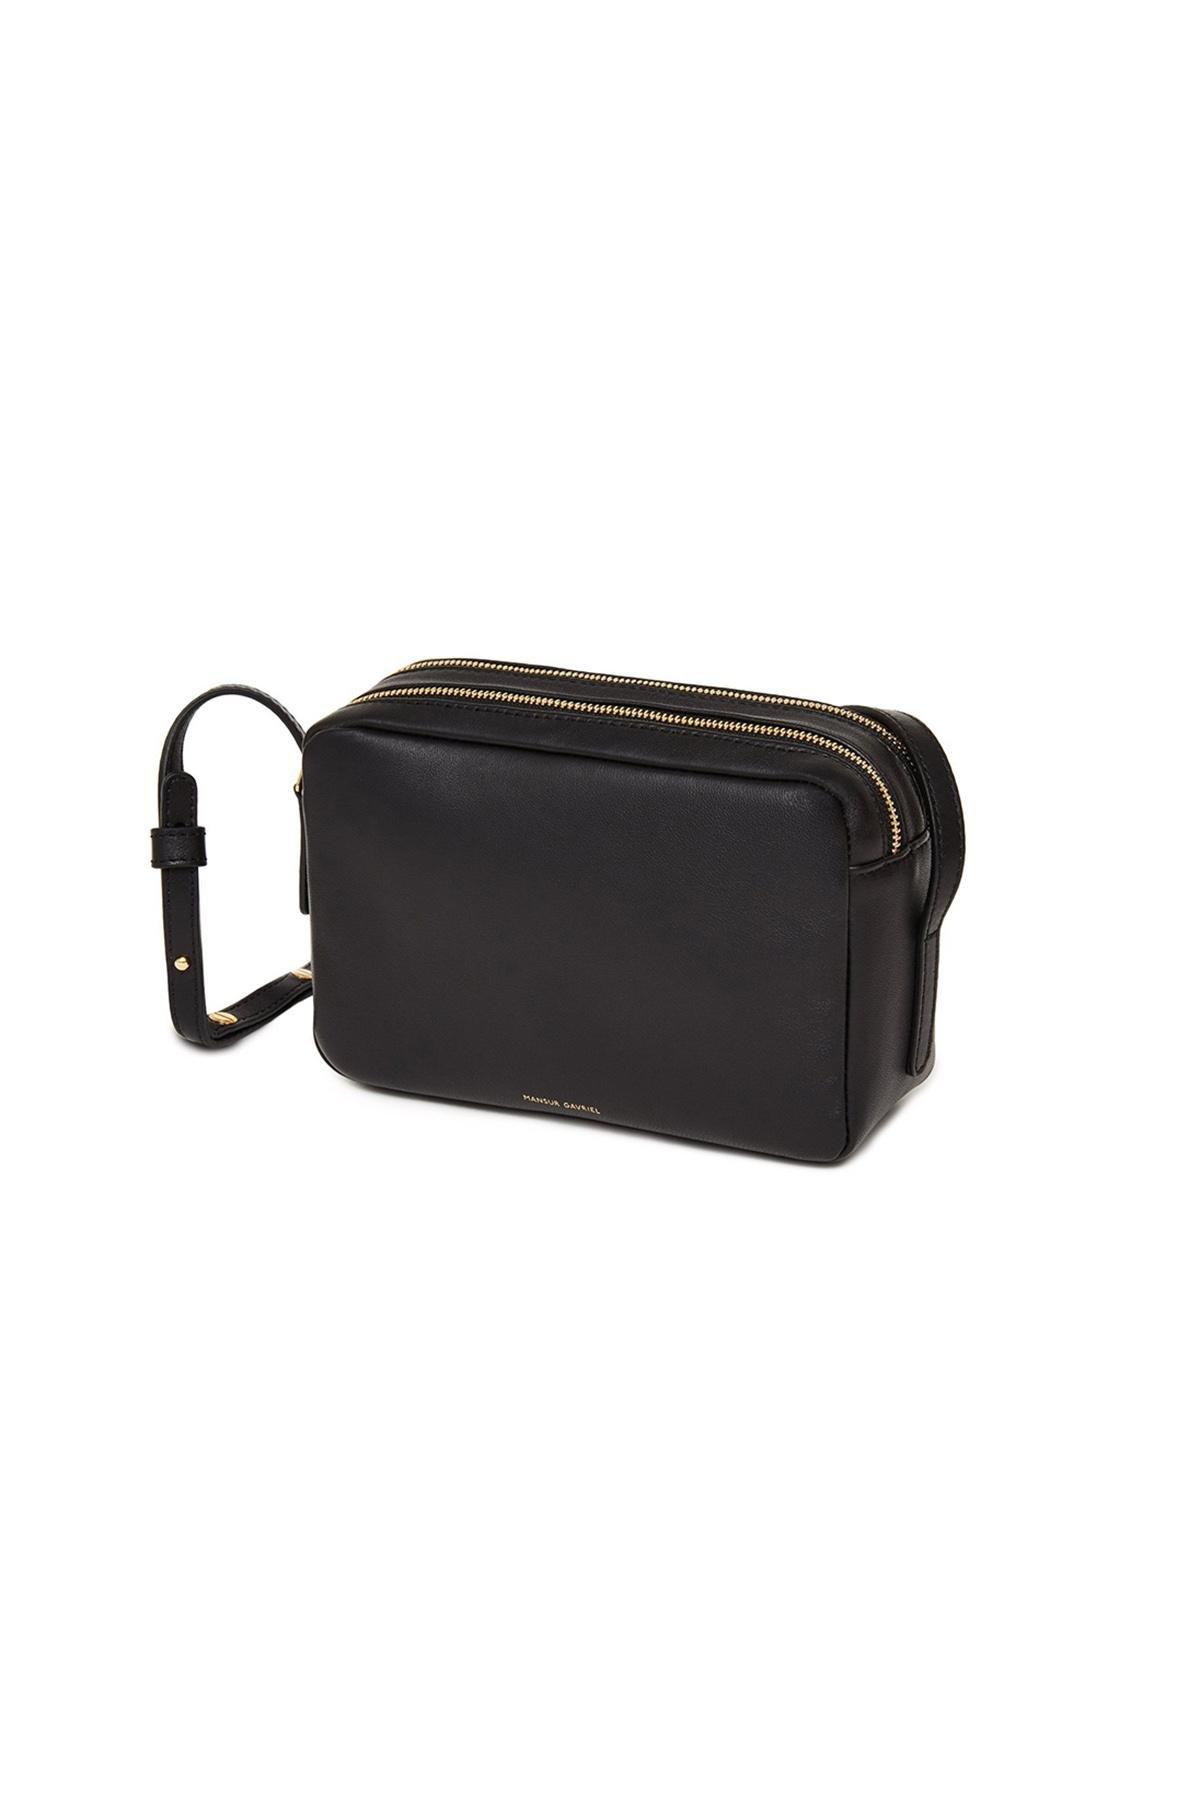 Mansur Gavriel Double Zip Leather Crossbody Bag in Black